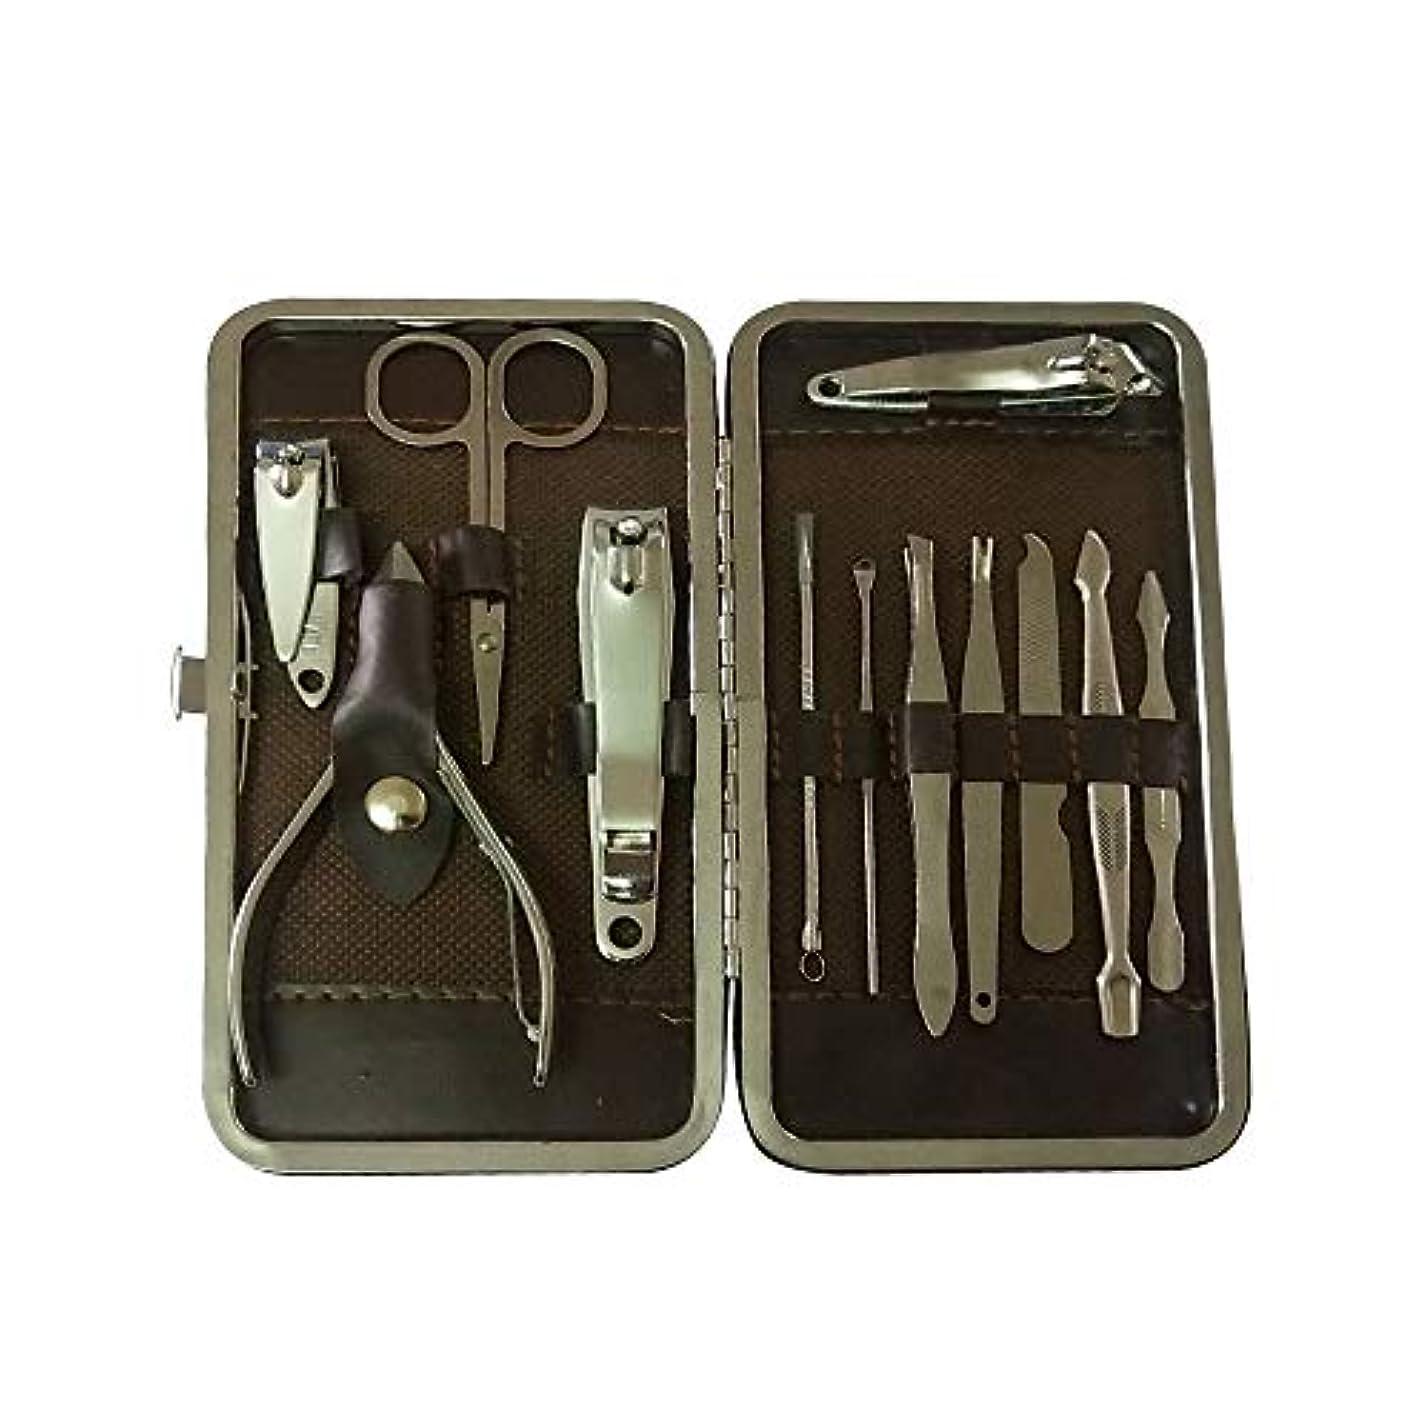 成功したハグメンバー多機能ステンレス製ネイルケアセット携帯便利爪切りセット手足爪磨き はさみ ニキビ取り爪切りセット、12個の